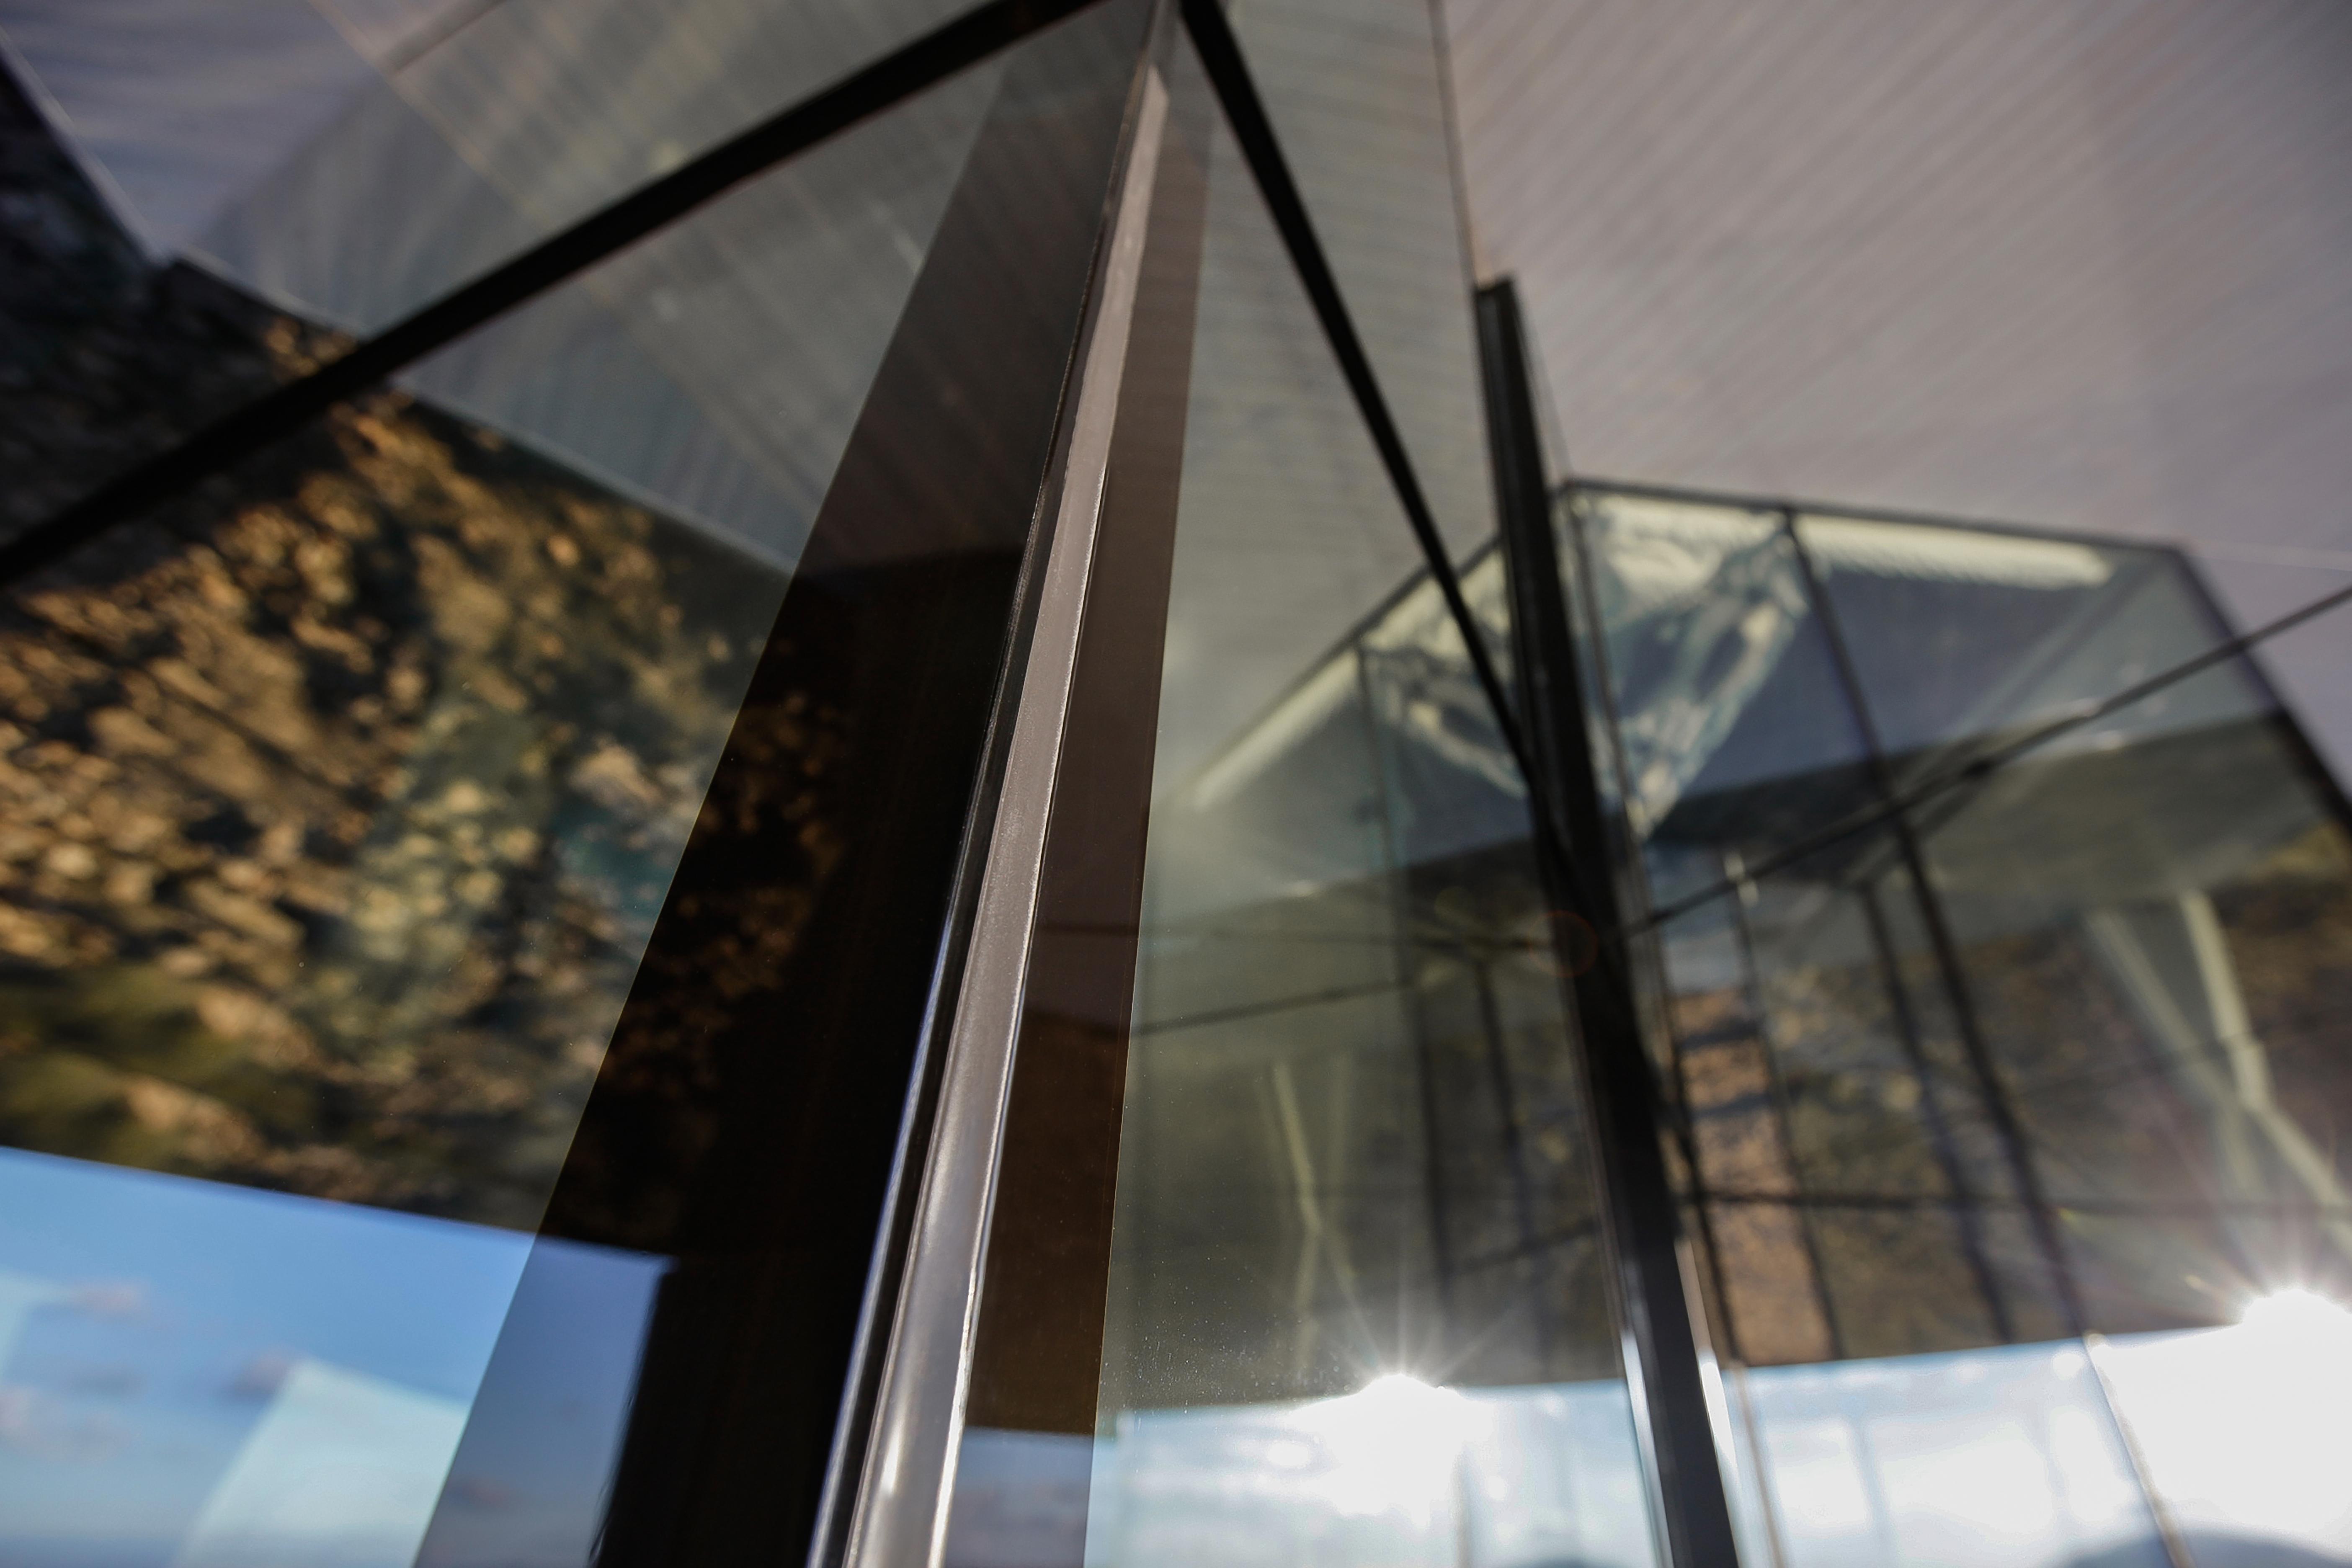 Espelhos que ajudam a 'multiplicar' o espaço